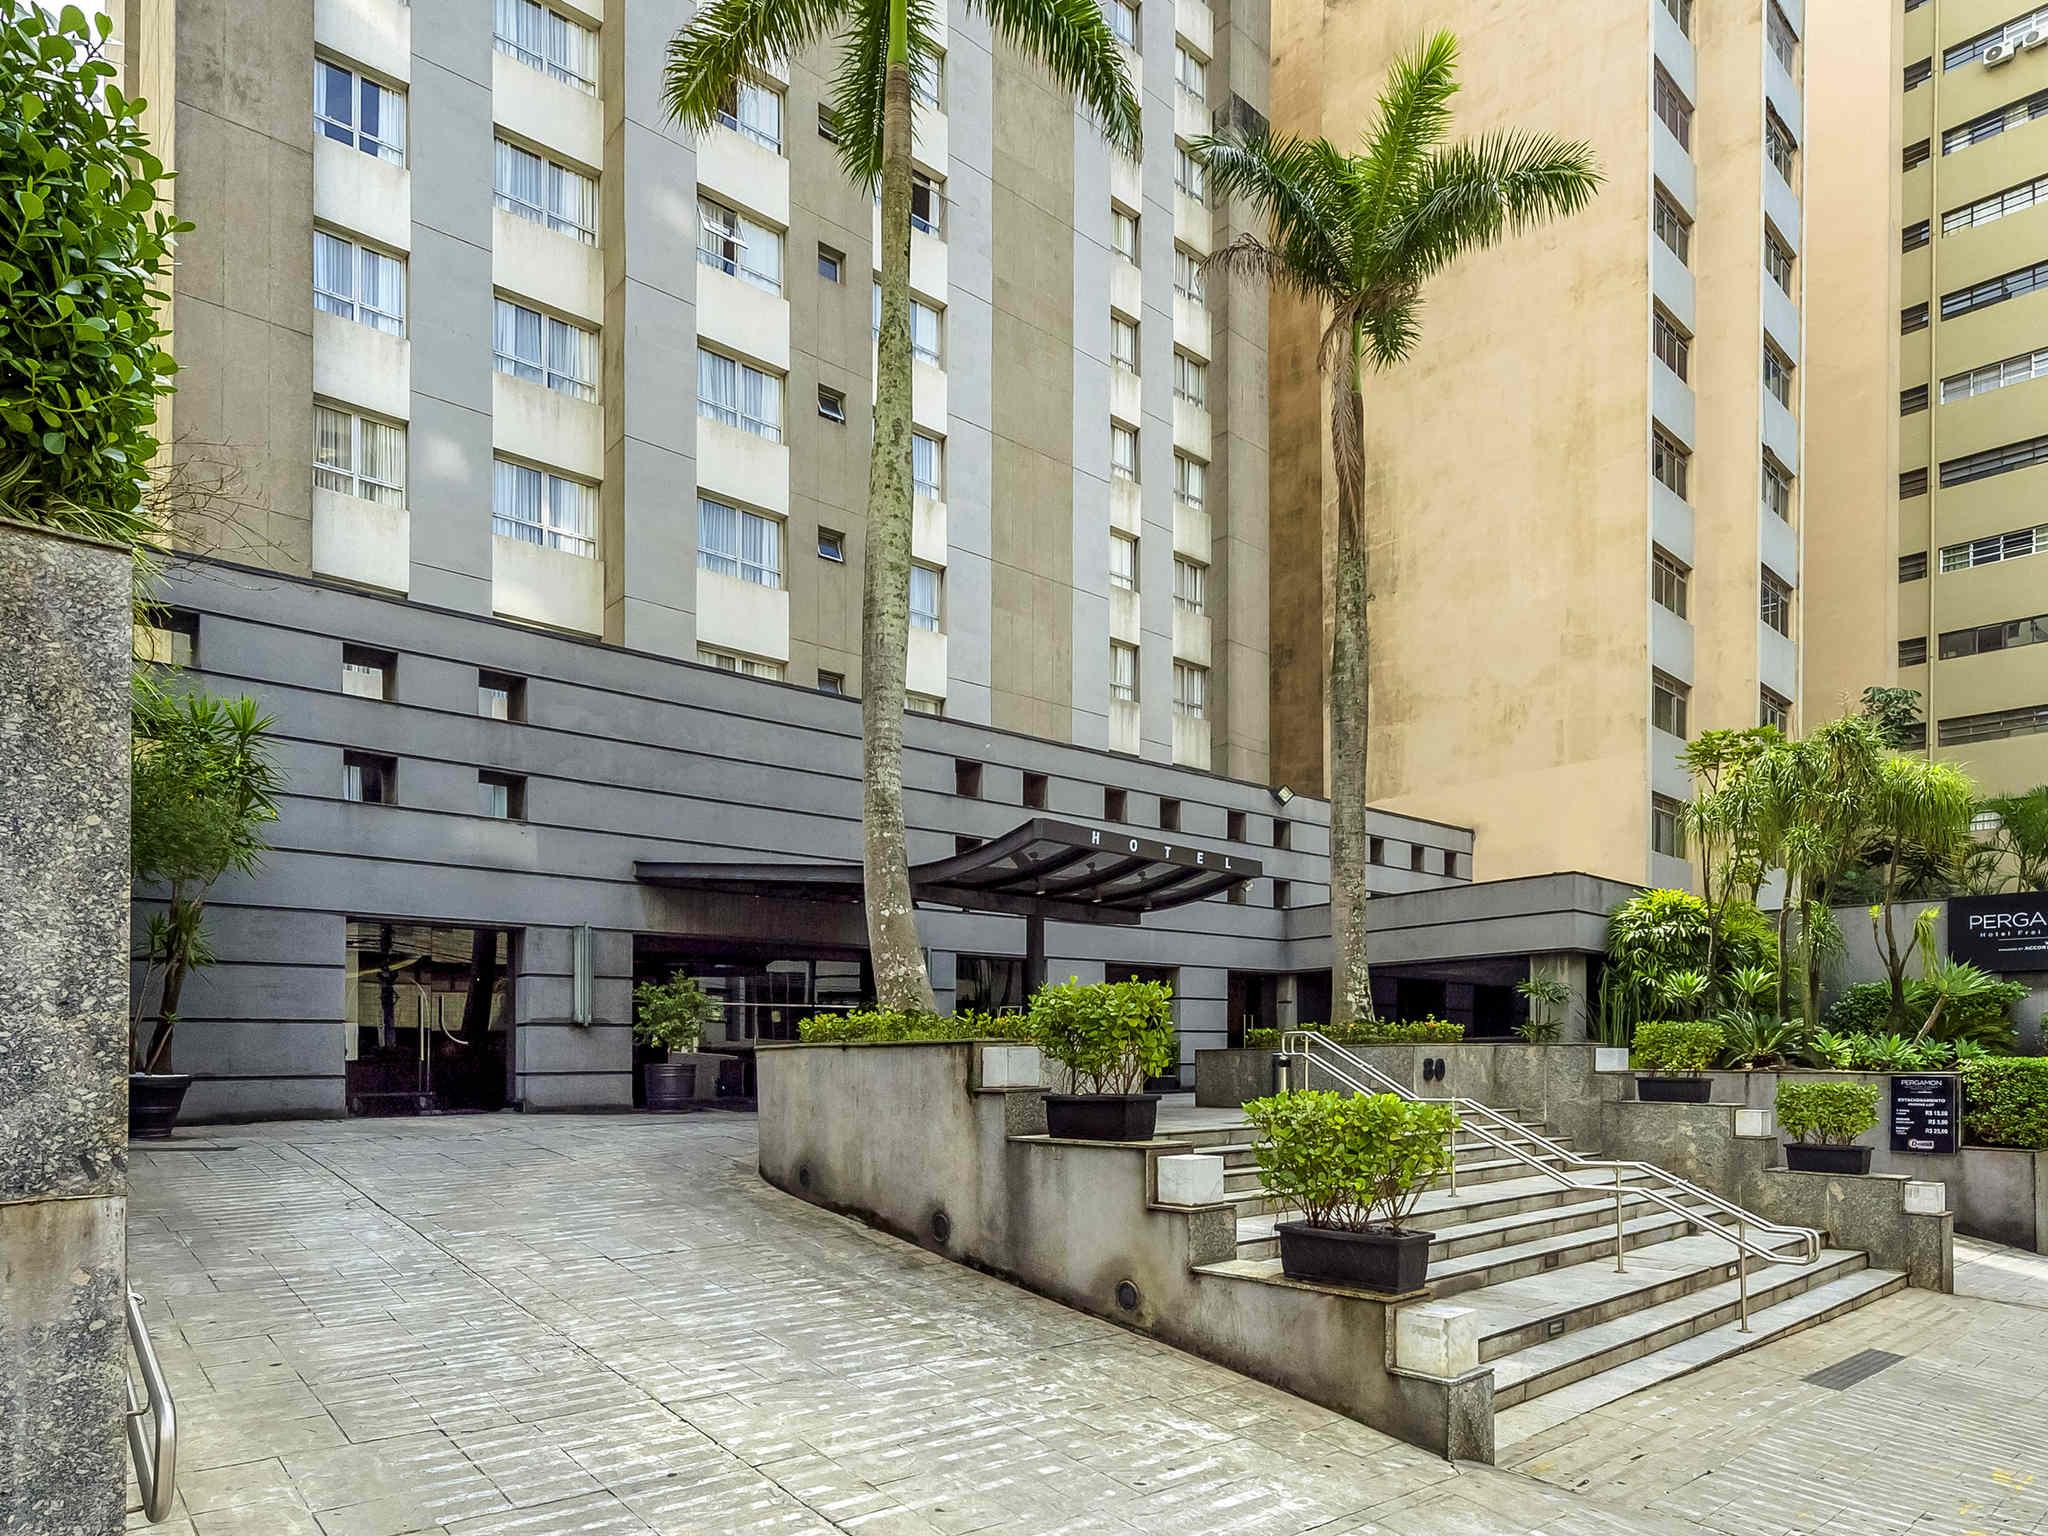 Hotel - Pergamon Hotel Frei Caneca Managed by AccorHotels